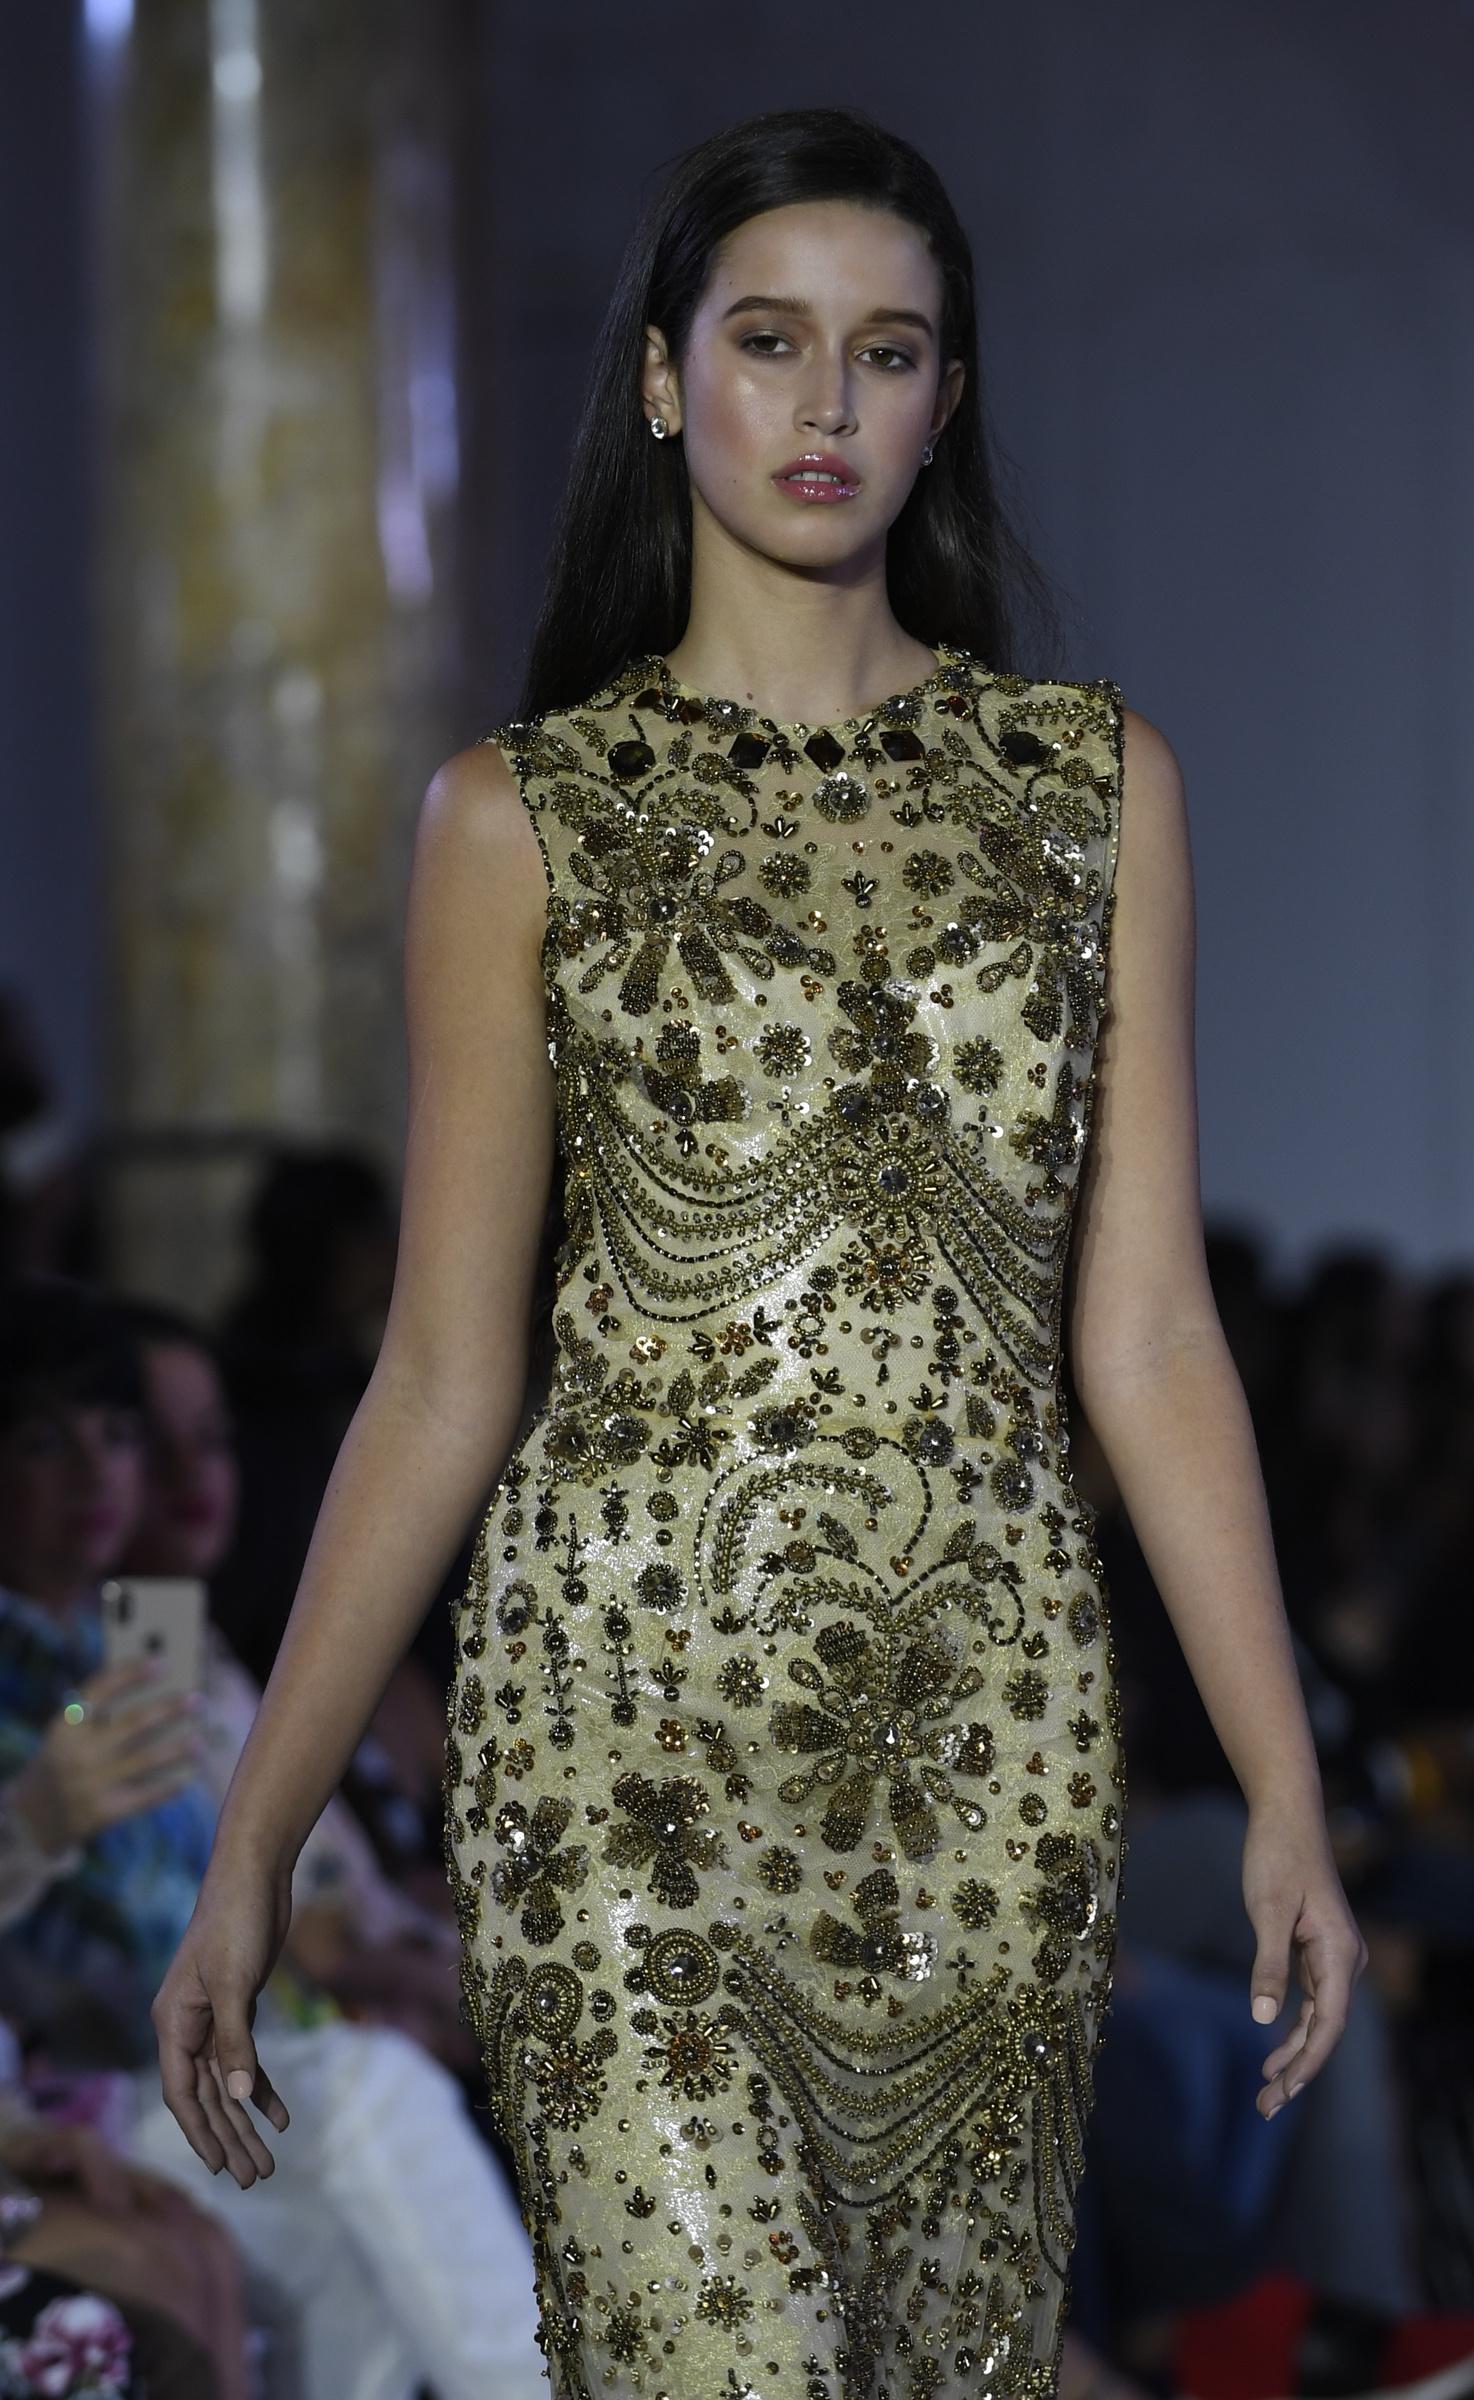 Vestido de gala tipo columna, ricamente bordado. Foto Ángel Luis García